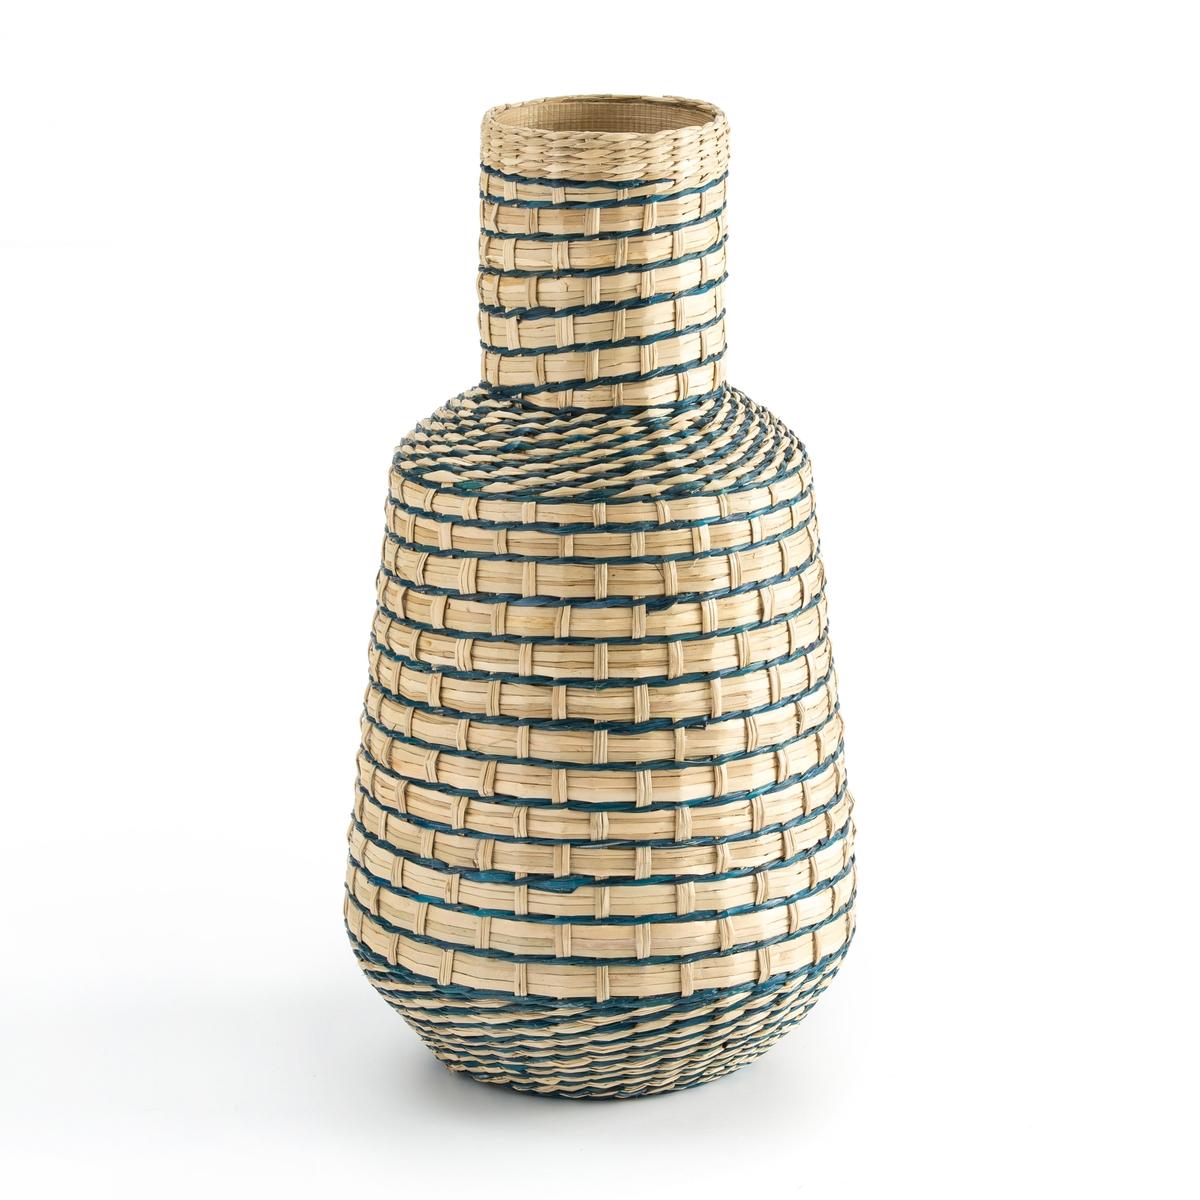 Ваза La Redoute Декоративная из бамбука В см Plooming единый размер разноцветный ваза декоративная glass moon сфера white 38 см афина